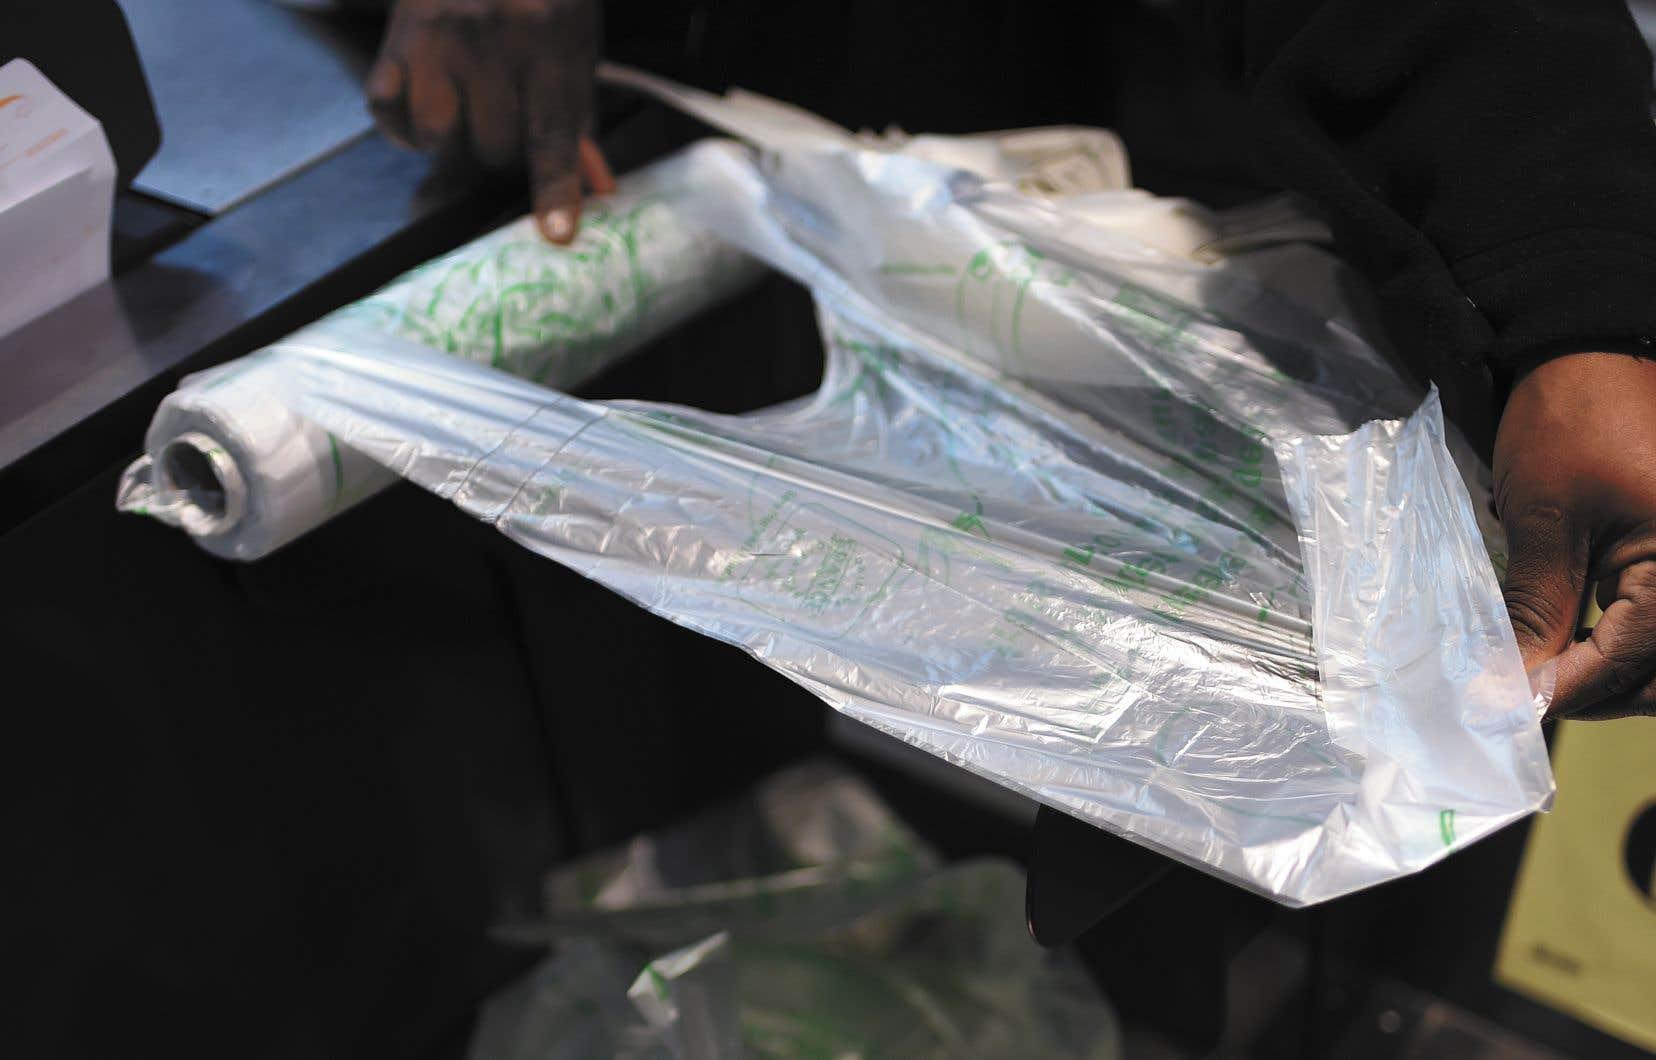 Les sacs en plastique léger servant à emballer les aliments en vrac comme les légumes et les fruits dans les marchés d'alimentation du Québec continuent d'être une importante source de pollution.